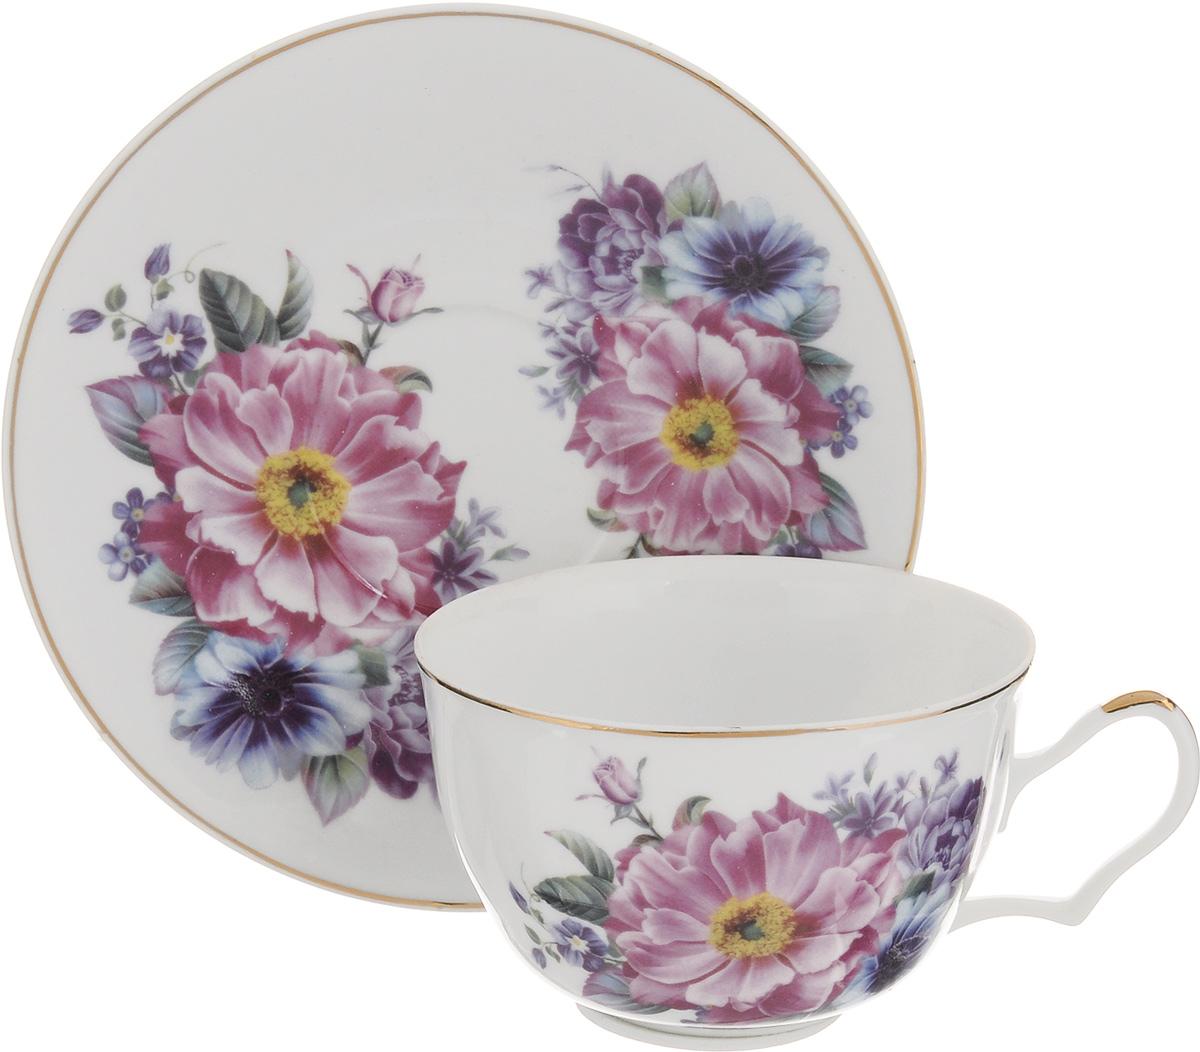 Чайная пара Loraine, 2 предмета. 2458524585Чайная пара Loraine выполнена из высококачественной керамики. Чашка и блюдце украшены ярким изображением цветов. Изящный дизайн и красочность оформления придутся по вкусу и ценителям классики, и тем, кто предпочитает утонченность и изысканность. Чайная пара - идеальный и необходимый подарок для вашего дома и для ваших друзей в праздники, юбилеи и торжества. Она также станет отличным корпоративным подарком и украшением любой кухни. Объем чашки: 250 мл. Диаметр чашки по верхнему краю: 9,5 см. Высота чашки: 6 см. Диаметр блюдца: 15,5 см. Высота блюдца: 1,8 см.